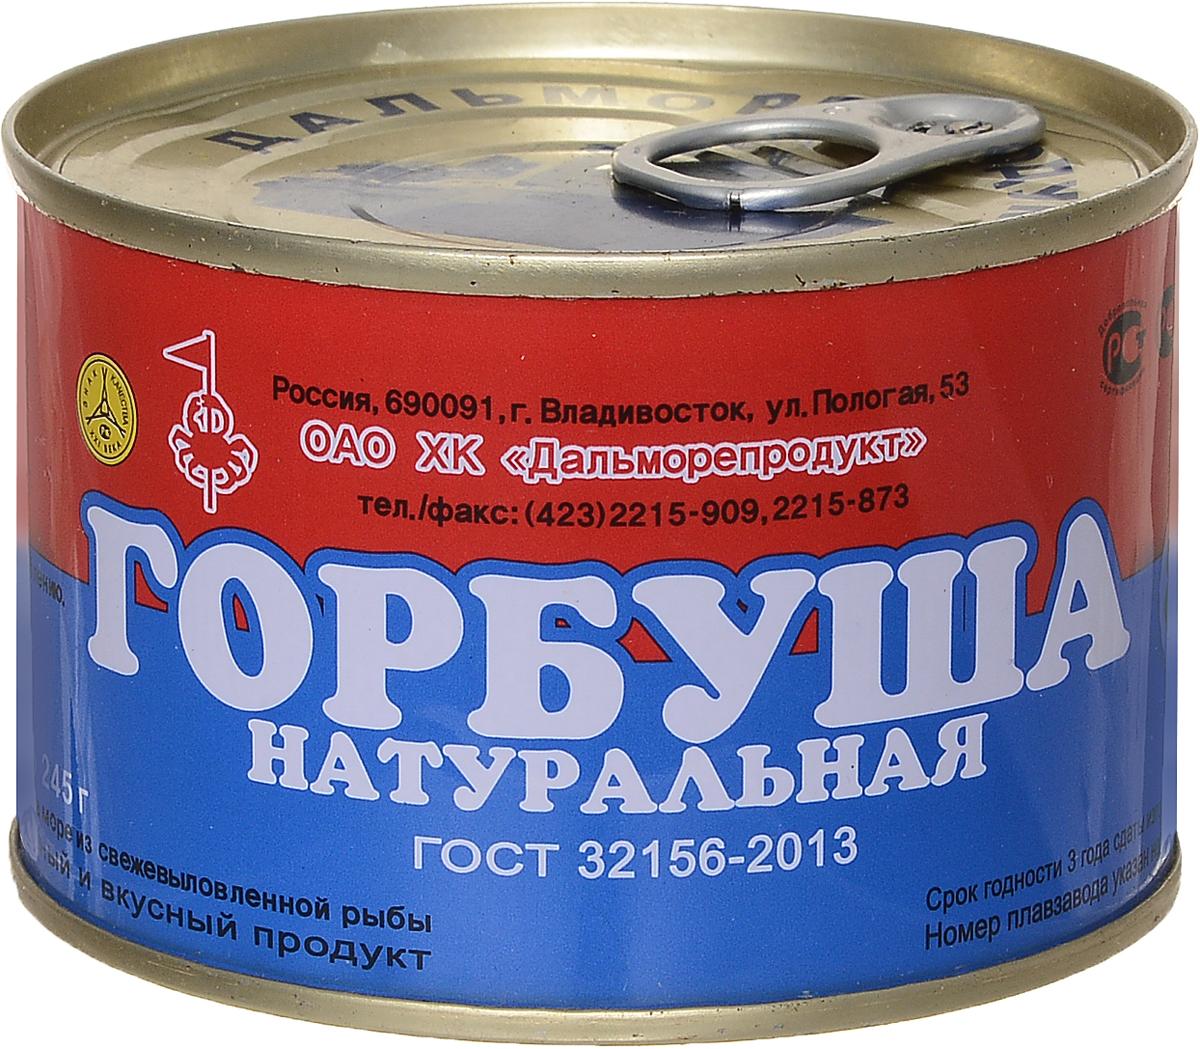 Дальморепродукт Горбуша натуральная, 245 г0120710Изготовлено в море из свежевыловленной рыбы.Натуральный и вкусный продукт.